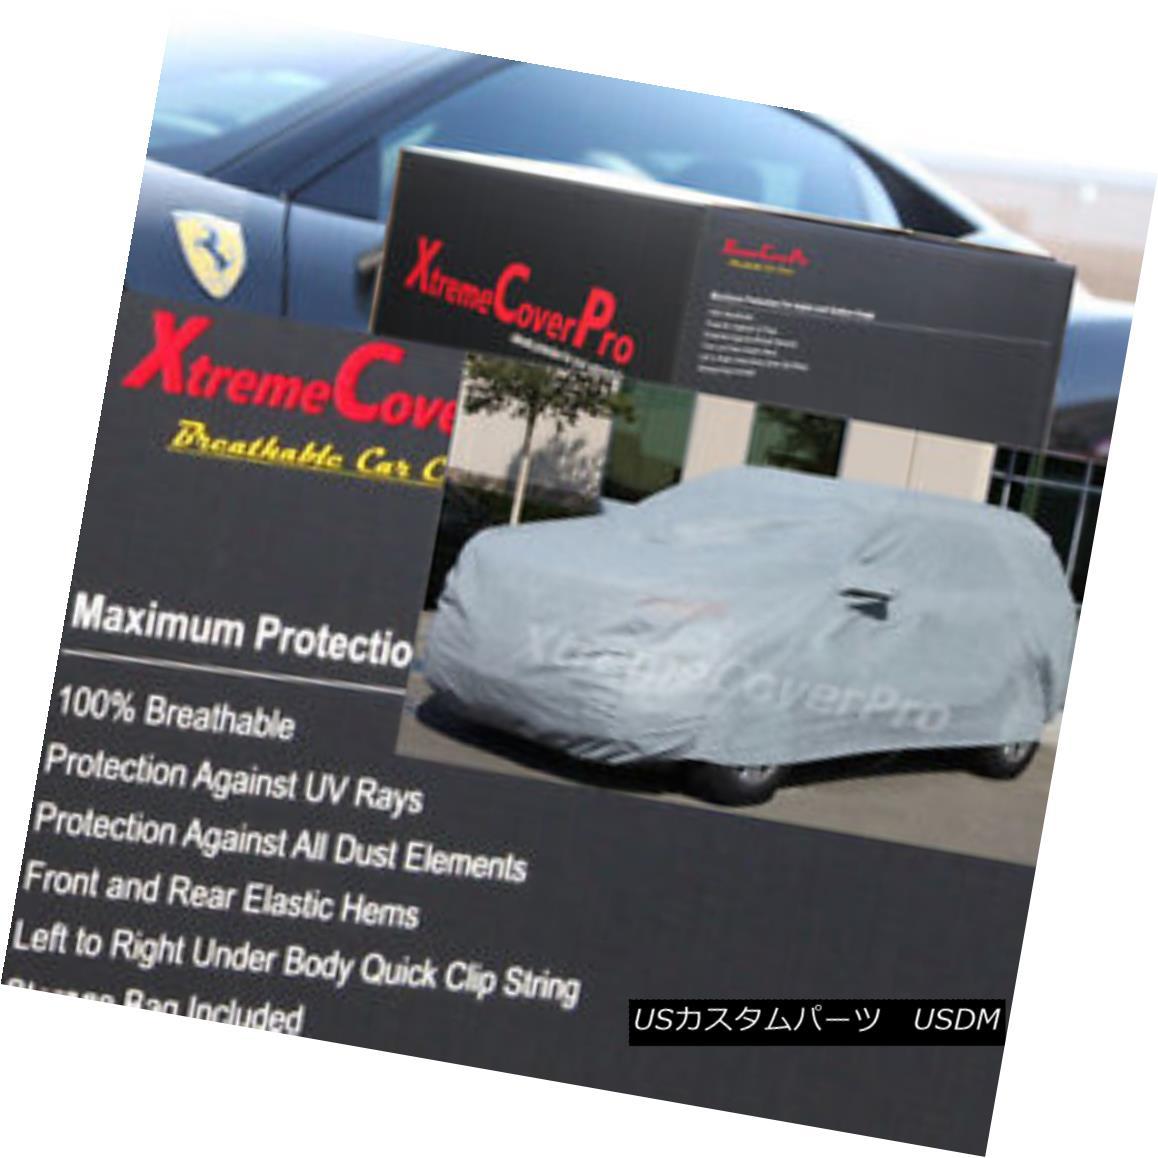 カーカバー 2013 Mitsubishi Outlander Sport Breathable Car Cover w/MirrorPocket 2013年三菱アウトランダースポーツ通気性車カバー付きMirrorPocket